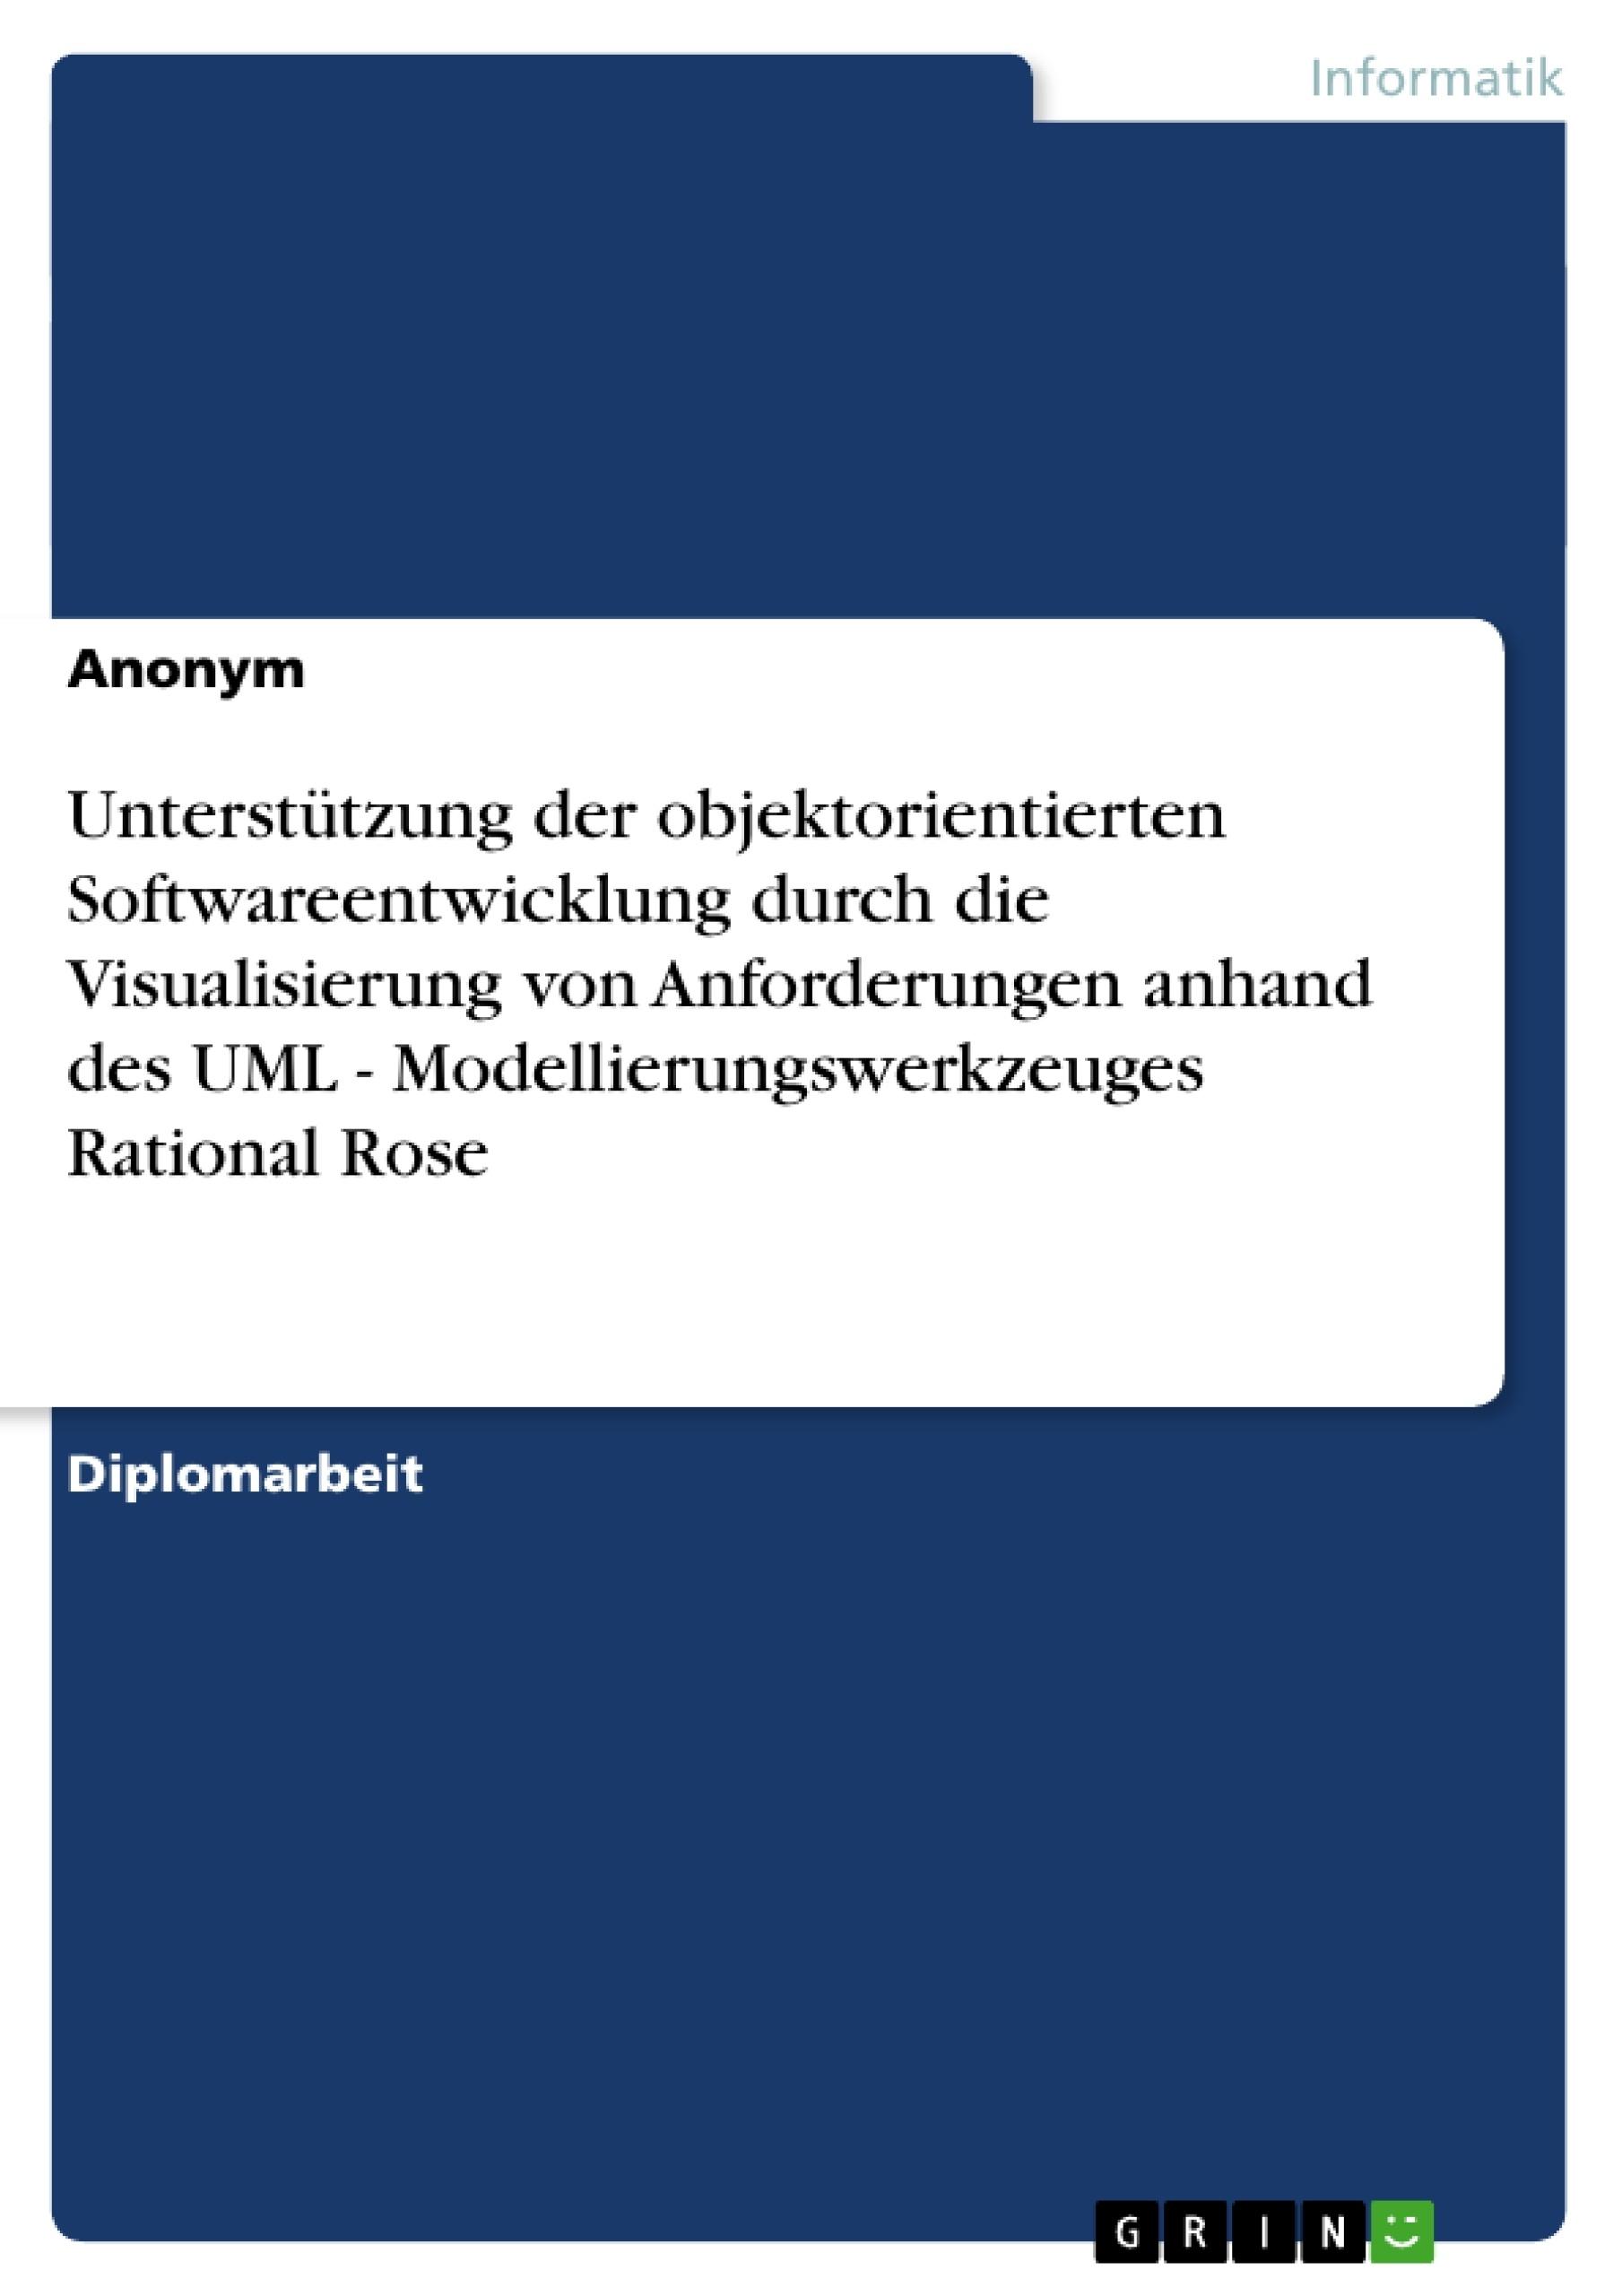 Titel: Unterstützung der objektorientierten Softwareentwicklung durch die Visualisierung von Anforderungen anhand des UML - Modellierungswerkzeuges Rational Rose